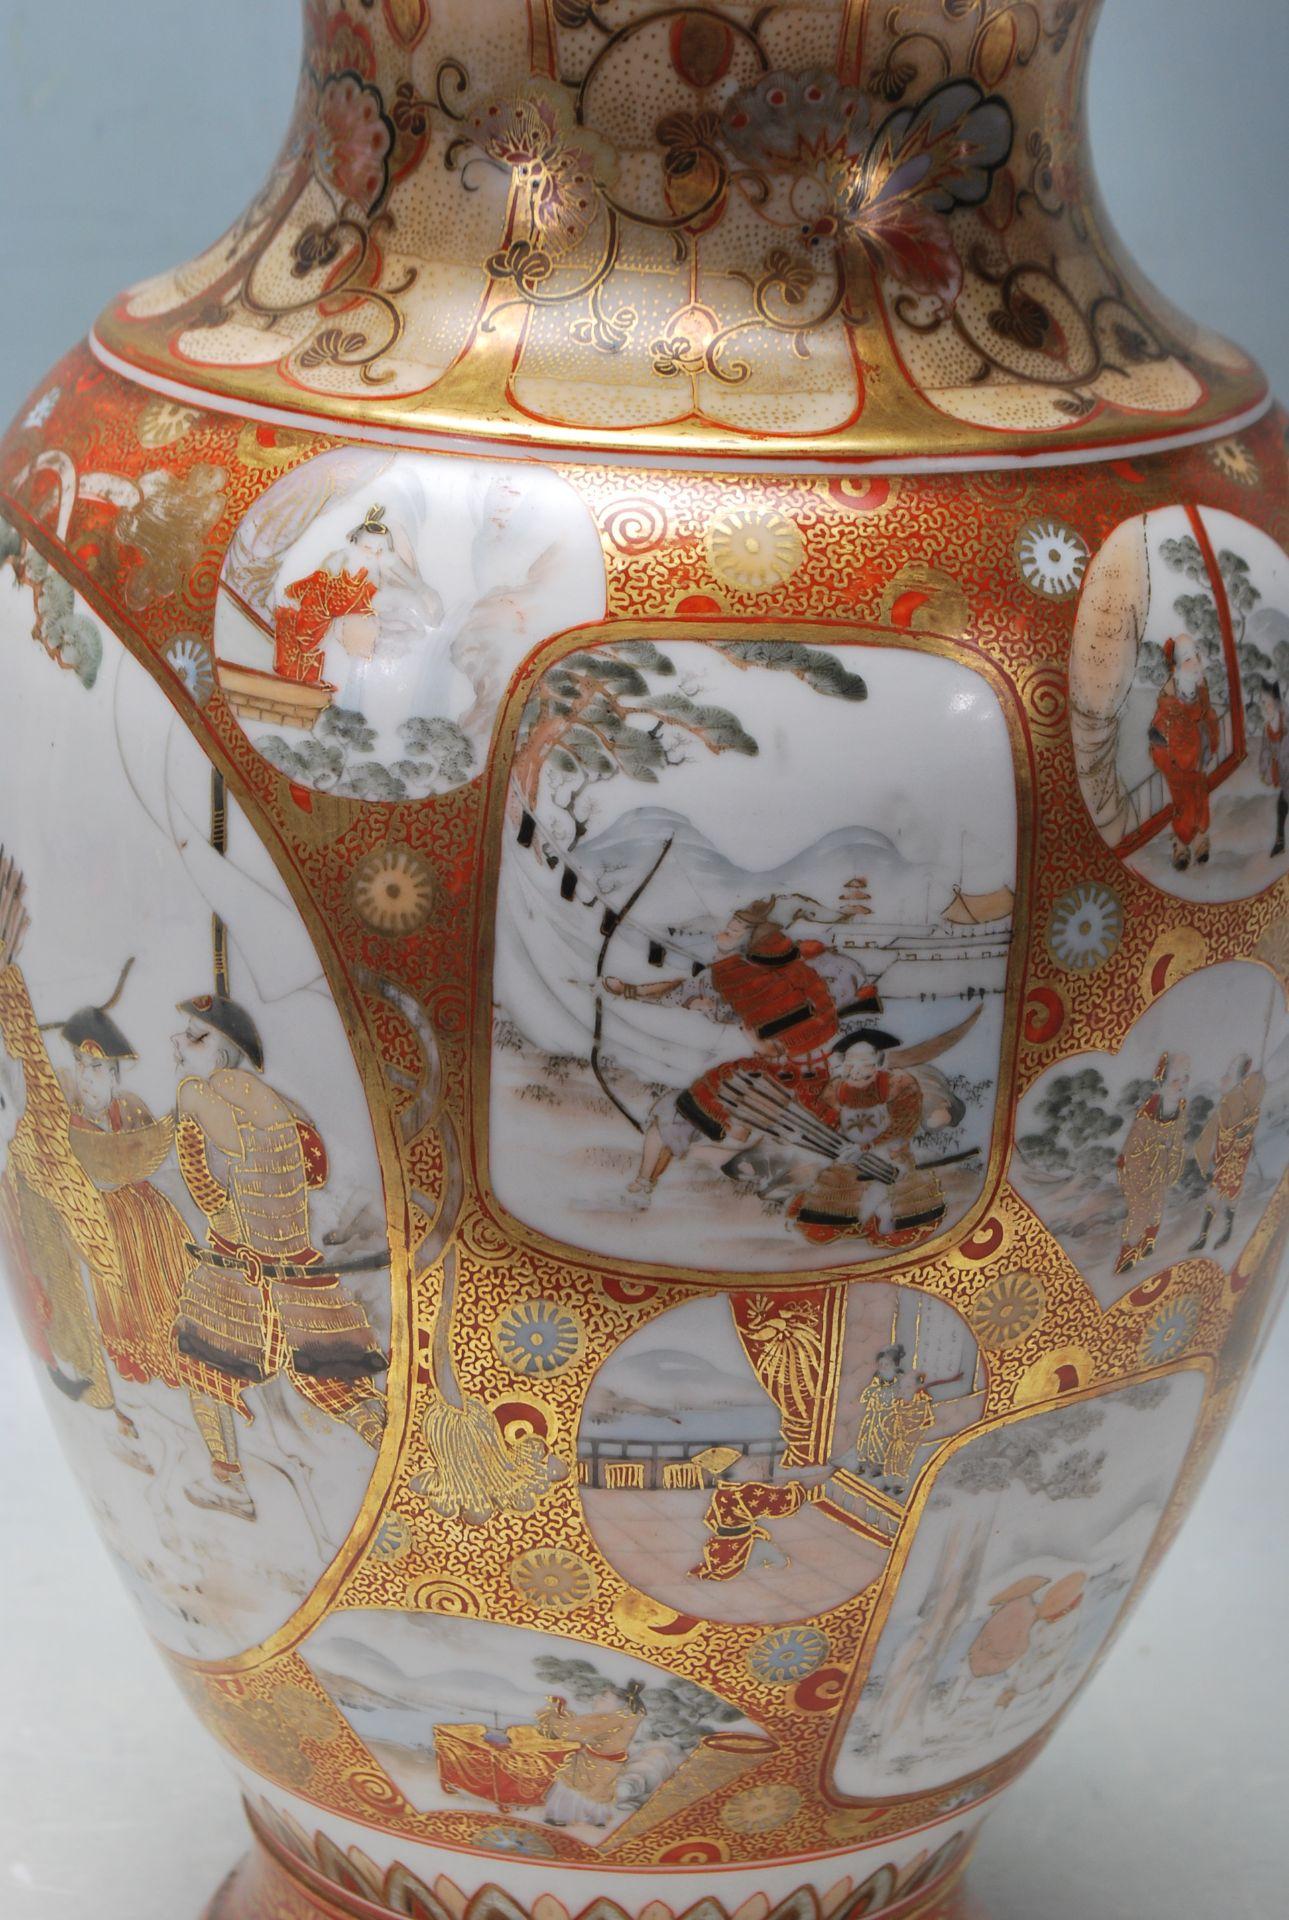 ANTIQUE JAPANESE KUTANI BALUSTER VASE - Image 7 of 14